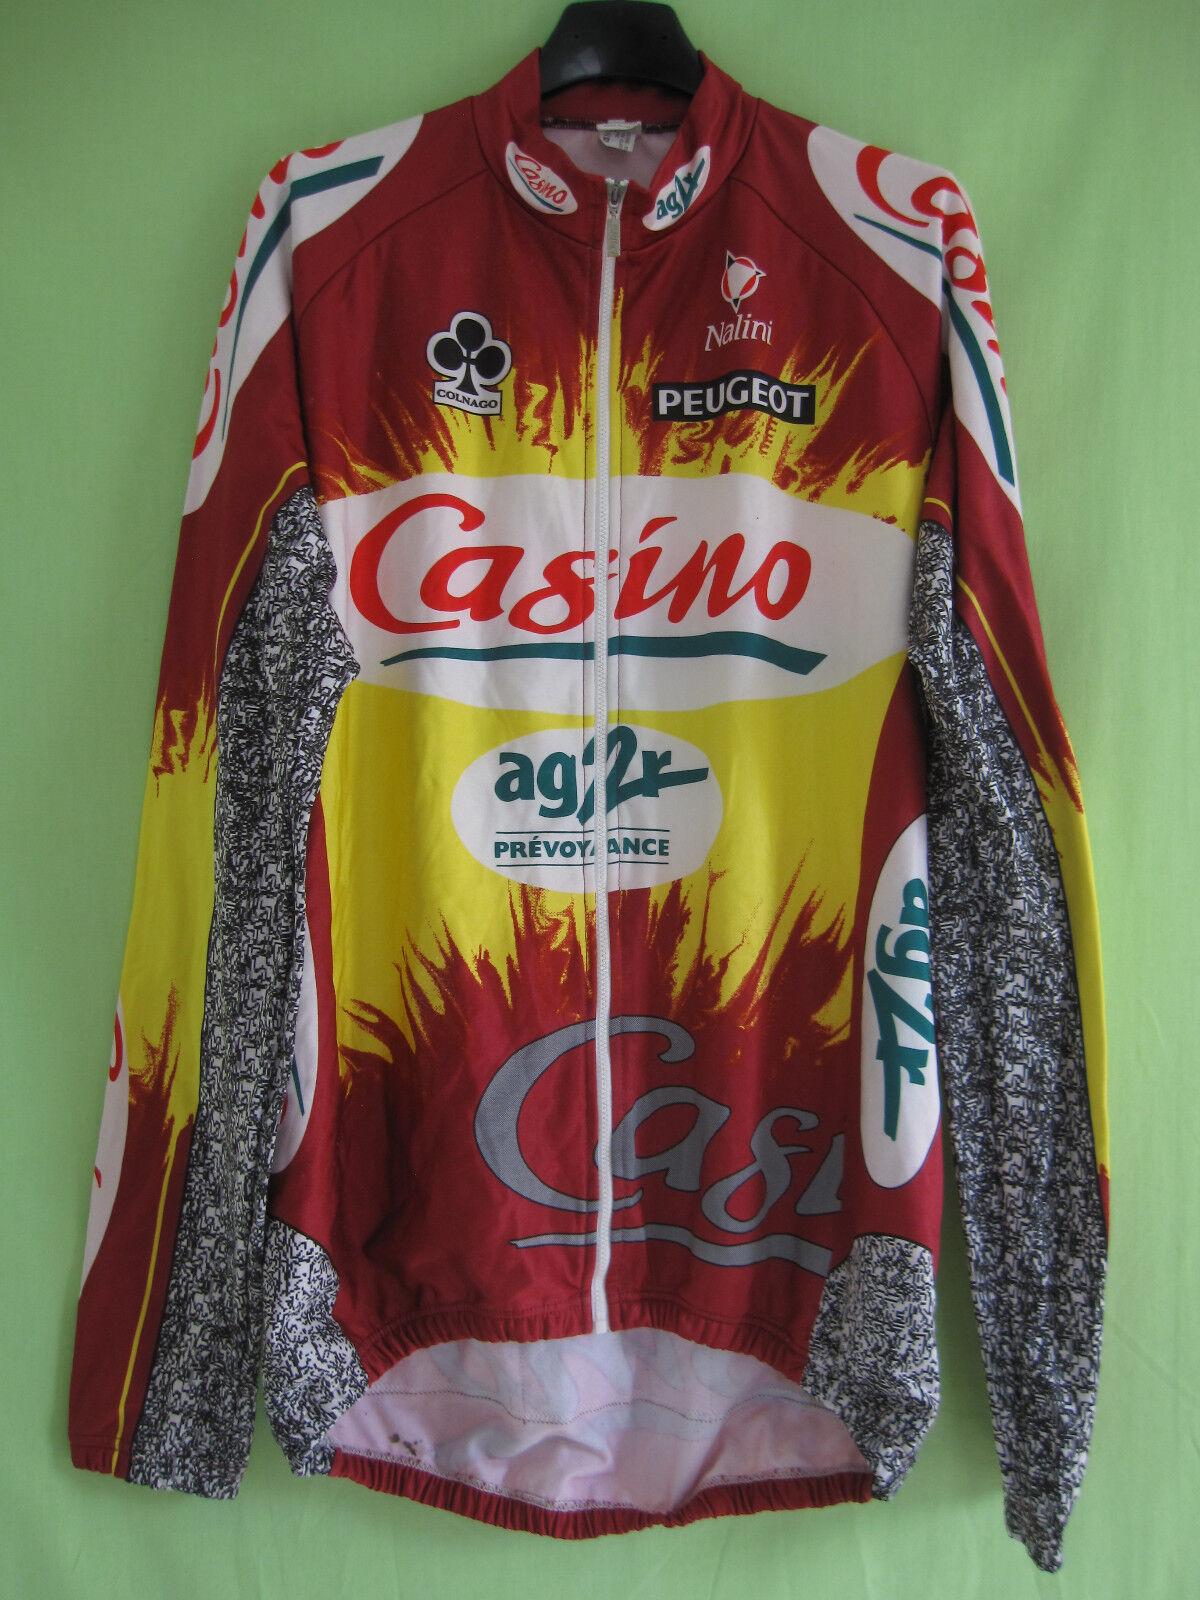 Veste cycliste Casino Ag2r Peugeot vintage Nalini Manche Longue - 6   XXL